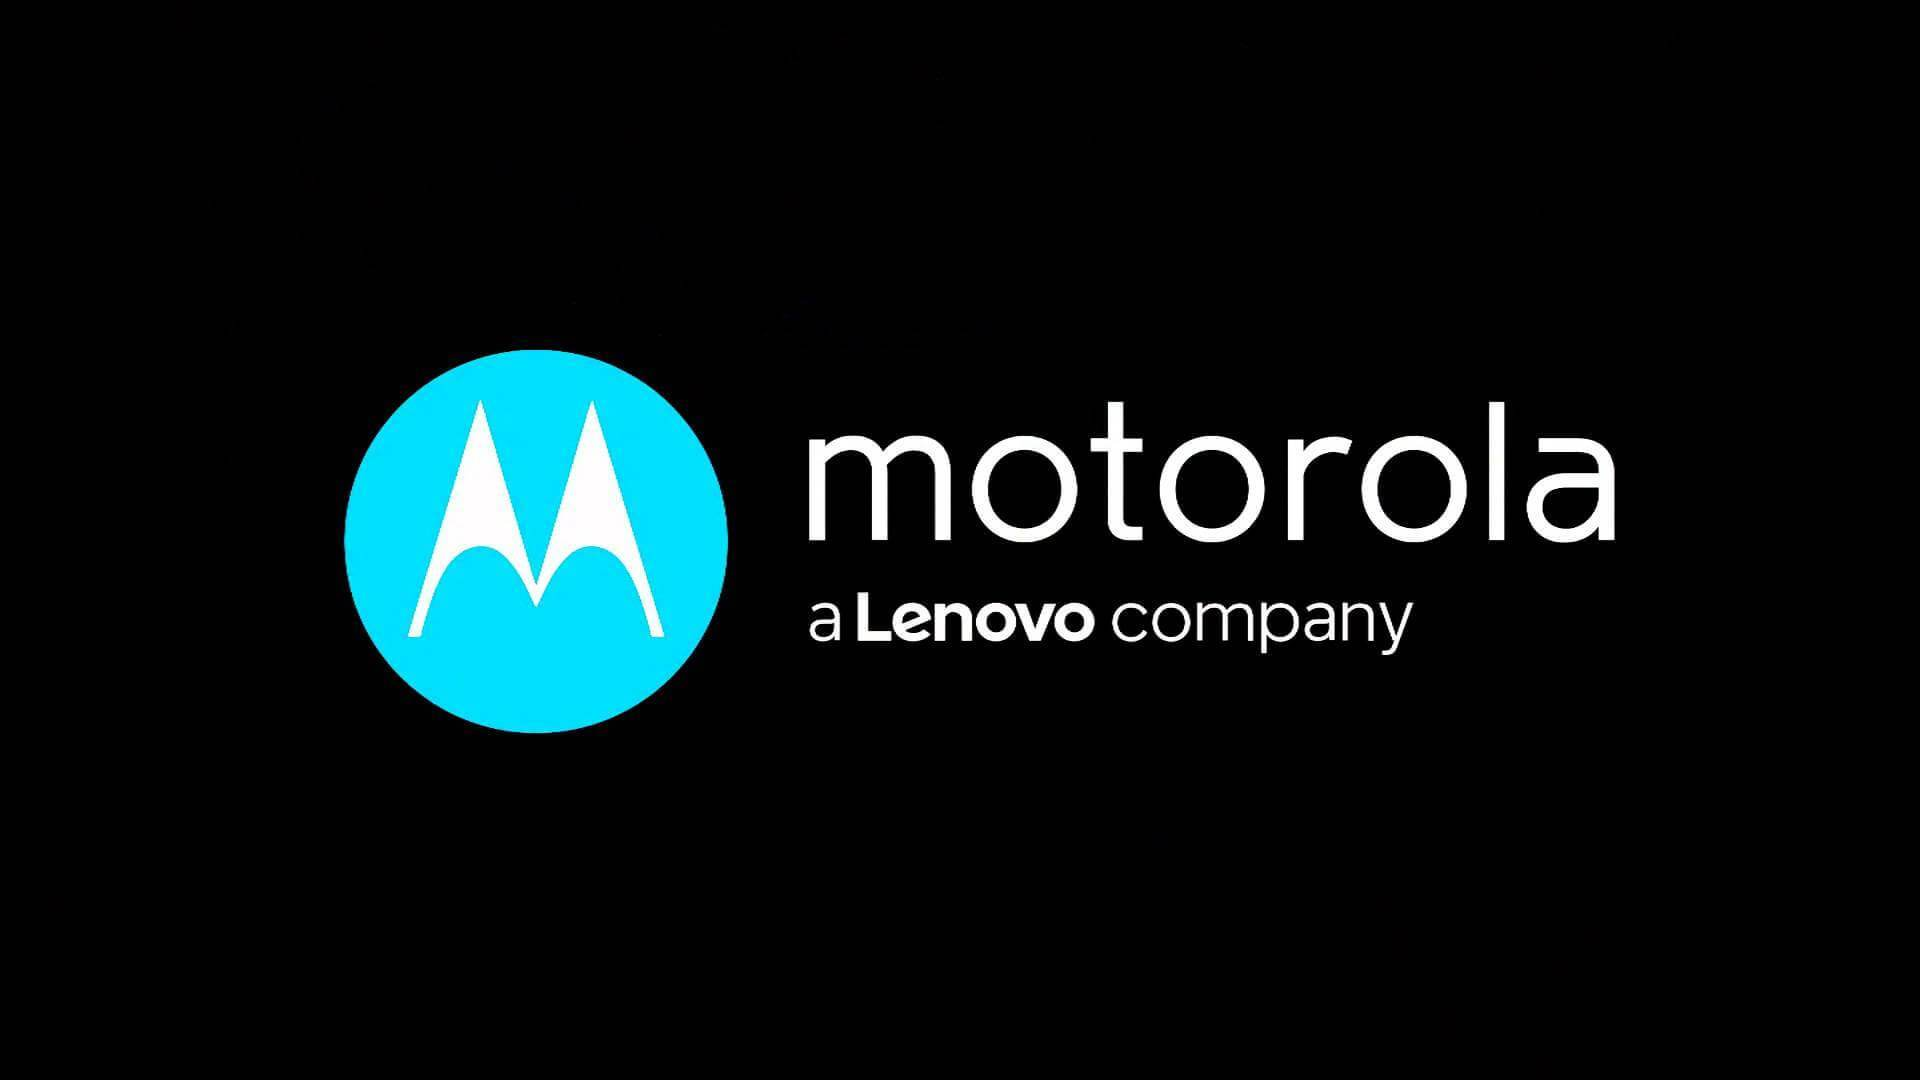 عناوين توكيل شركة موتورولا Motorola